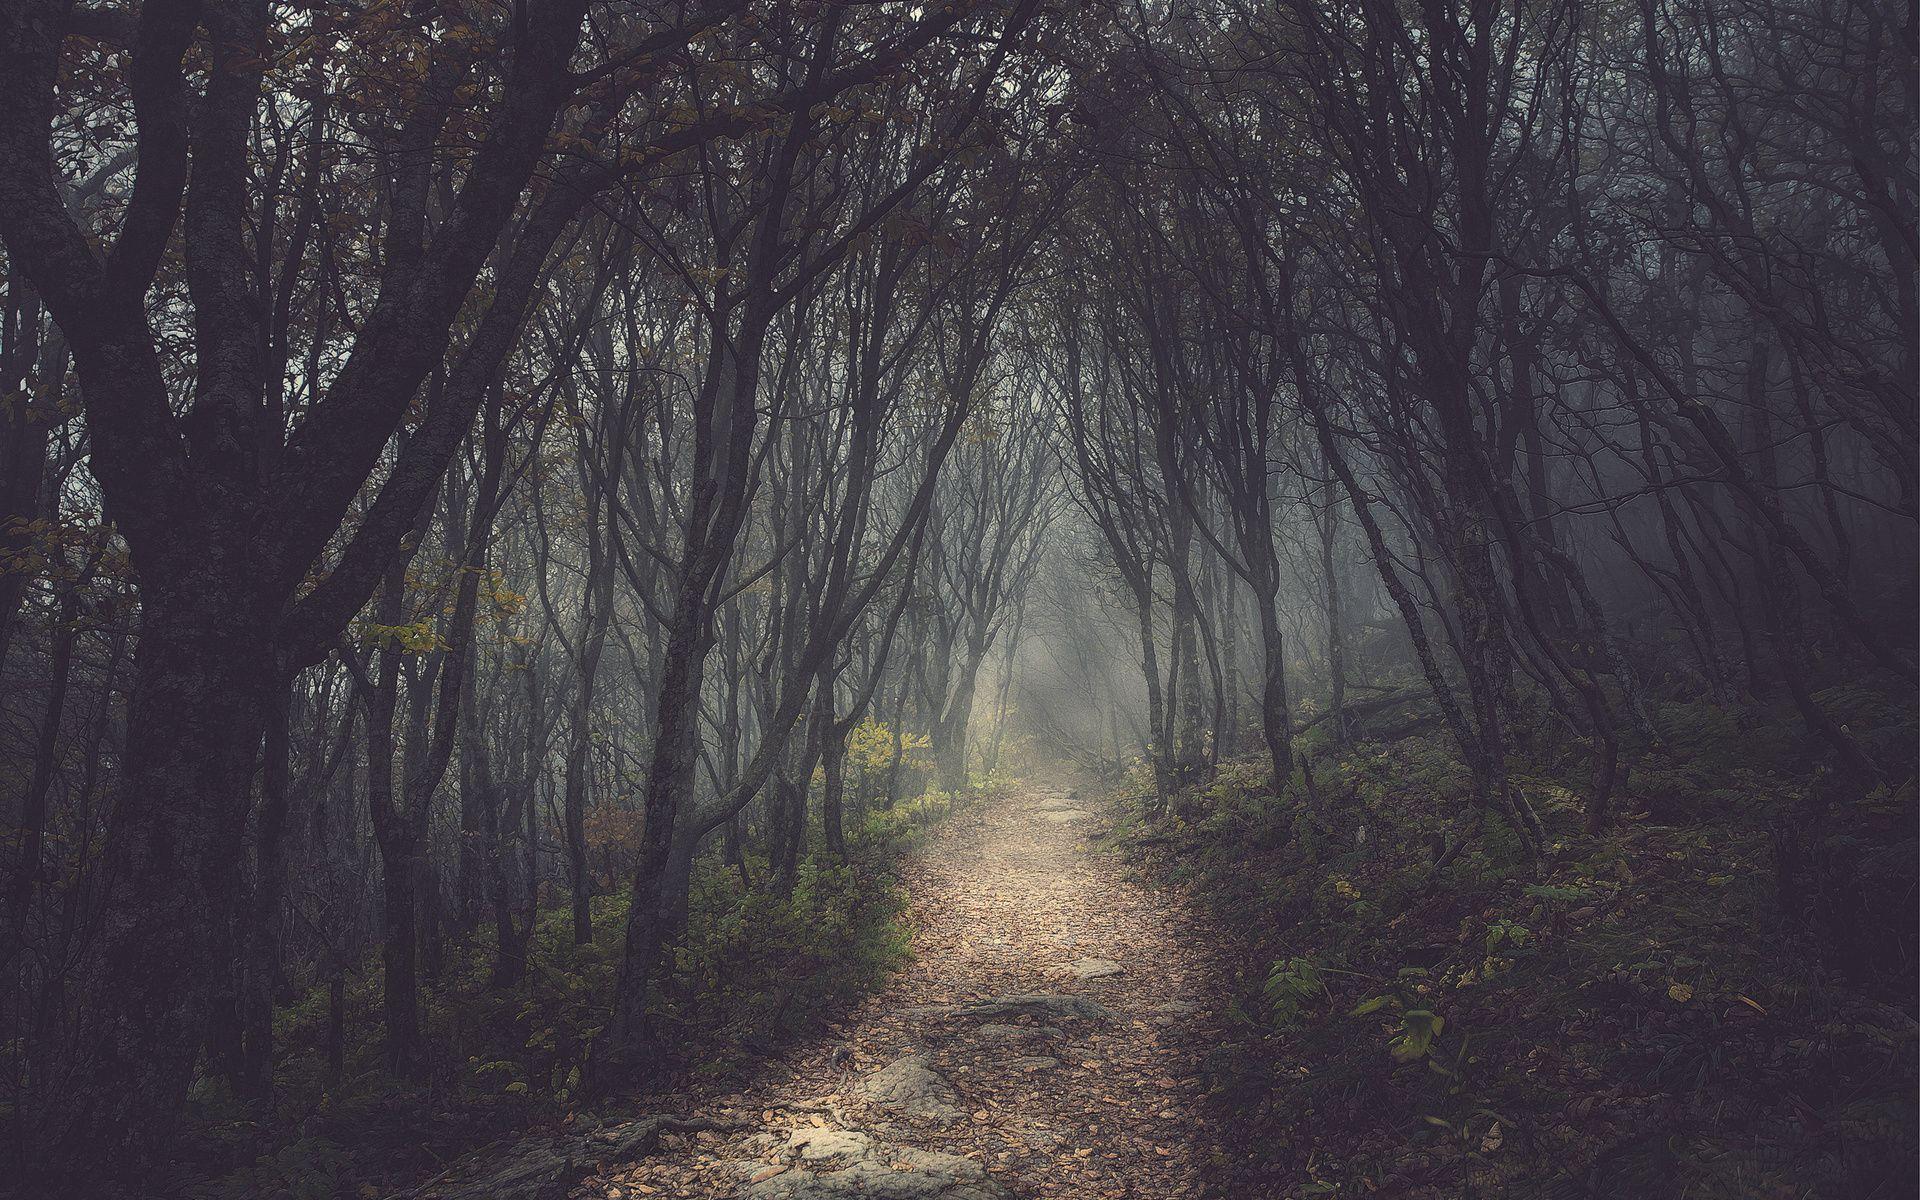 Dark Forest Path Background Viewing Gallery Dark Tree Forest Path Nature Wallpaper forest trees path dark evening